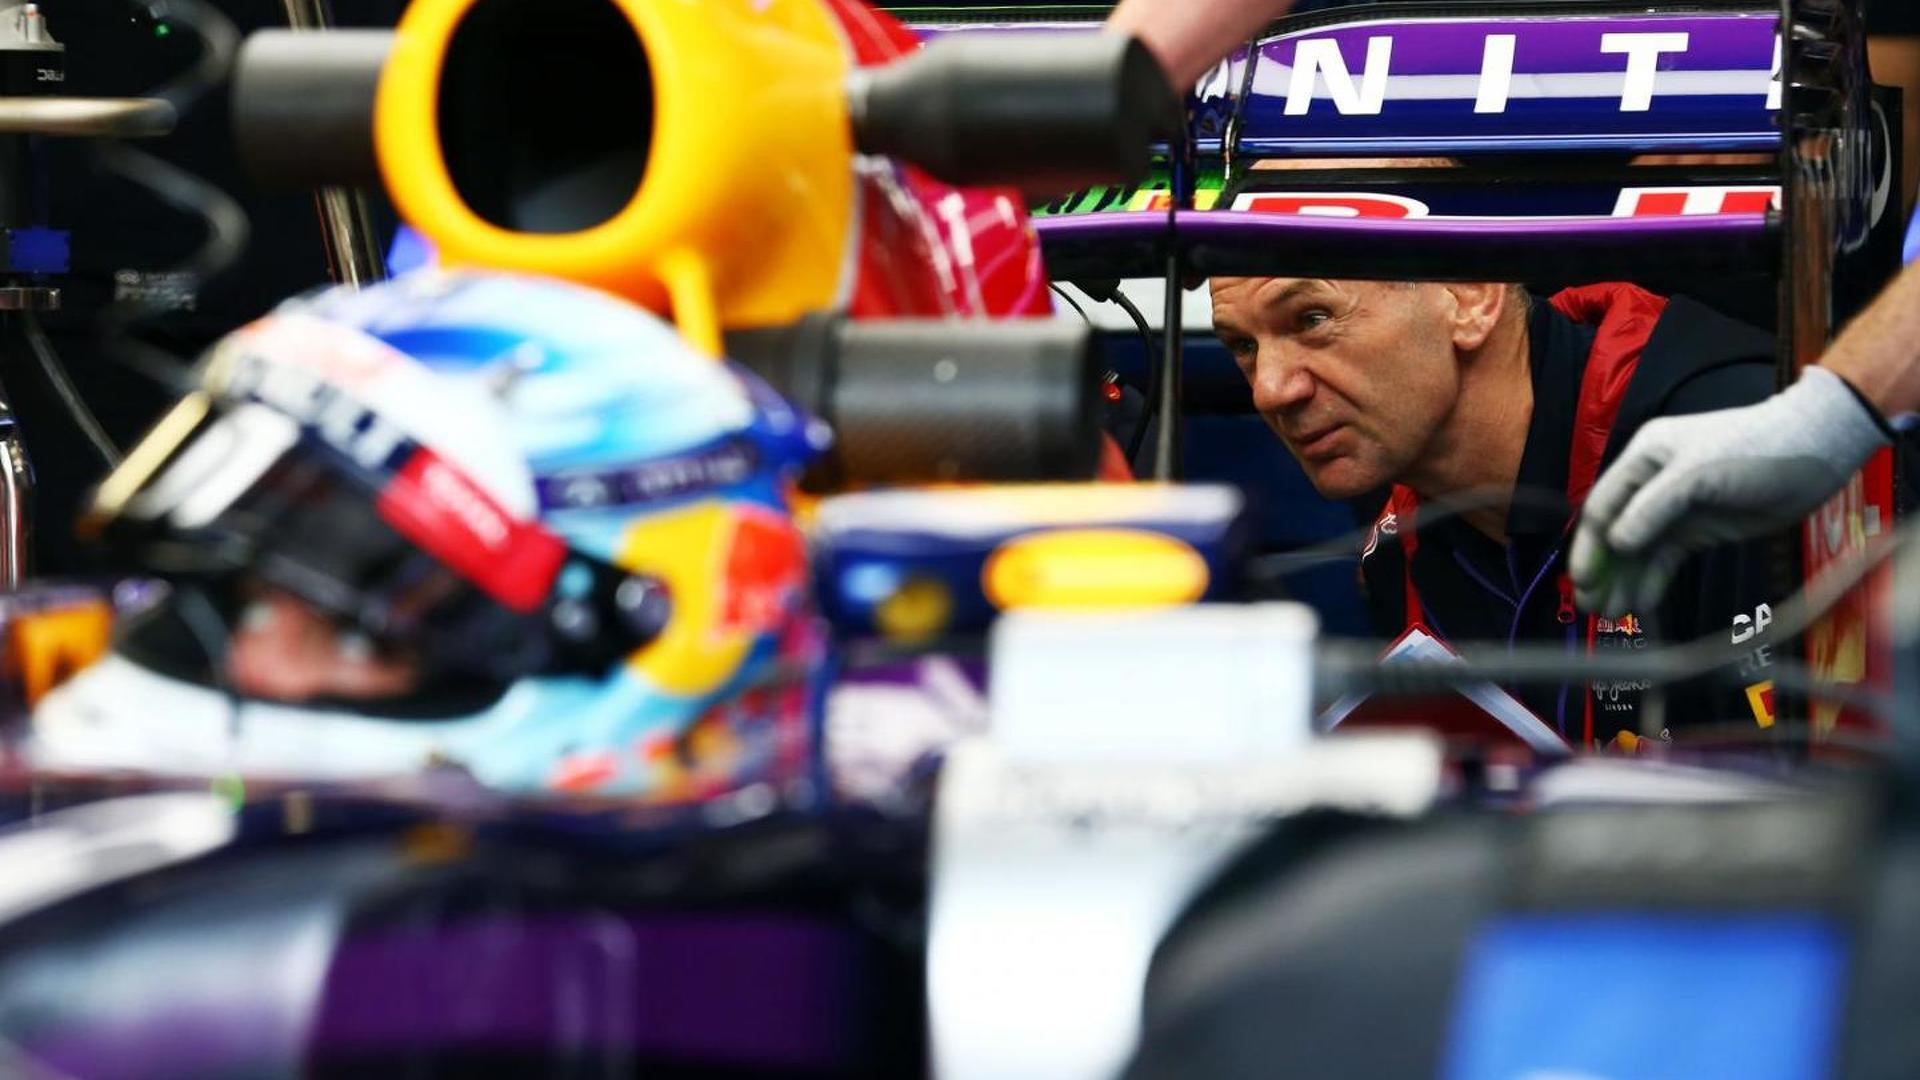 Ferrari made 'absurd' offer to Newey - Marko